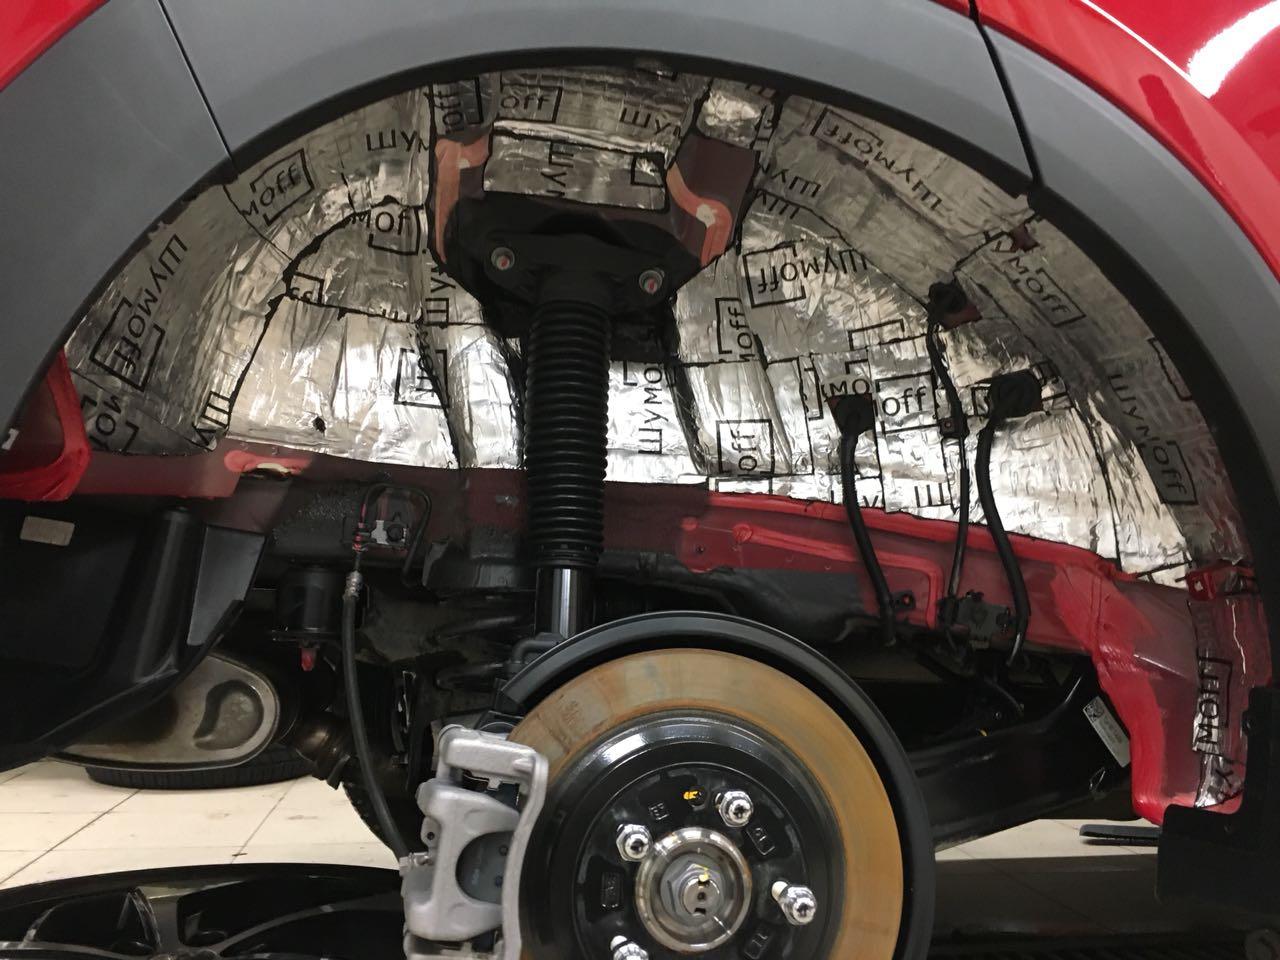 получить высшее шумоизоляция арок автомобиля своими руками фото данные показали, что